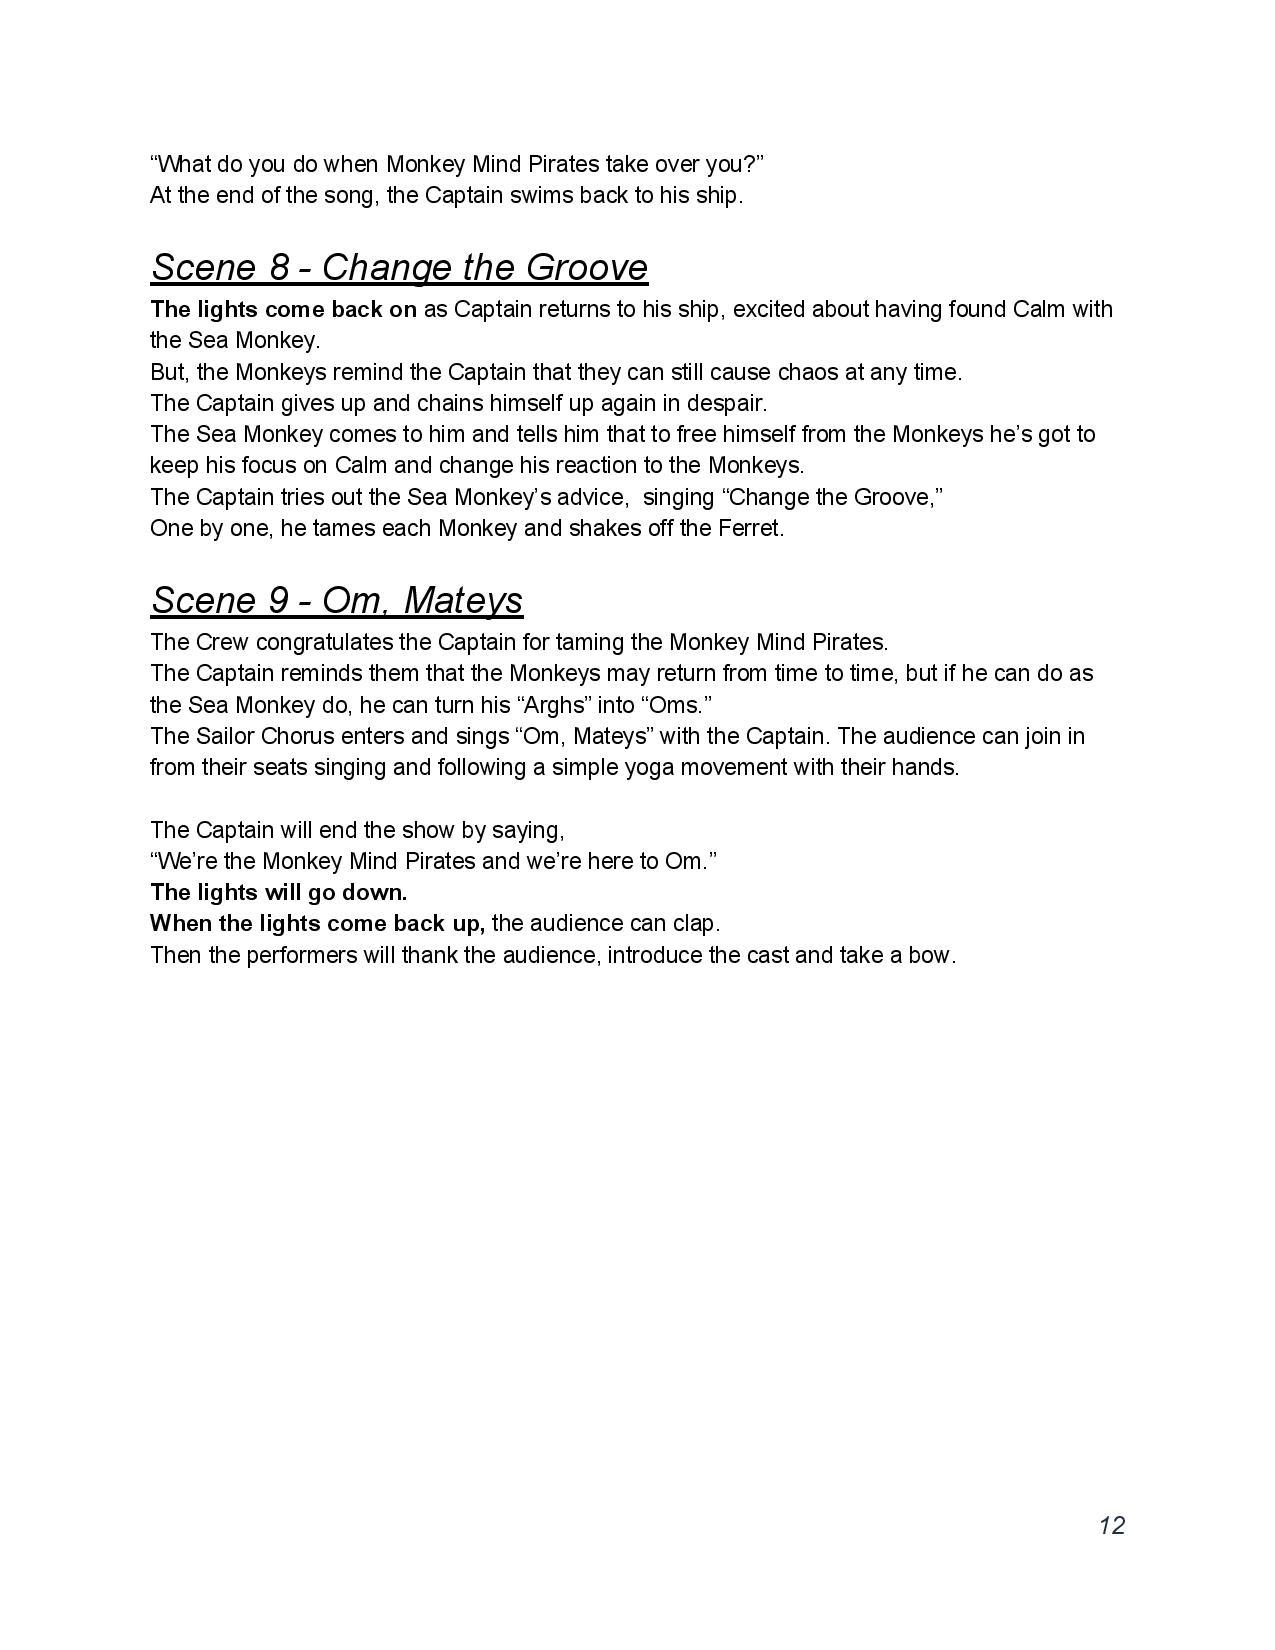 BeforeYouGoMonkeyMindPiratesPerformance_TEMPLATE-page-012.jpg